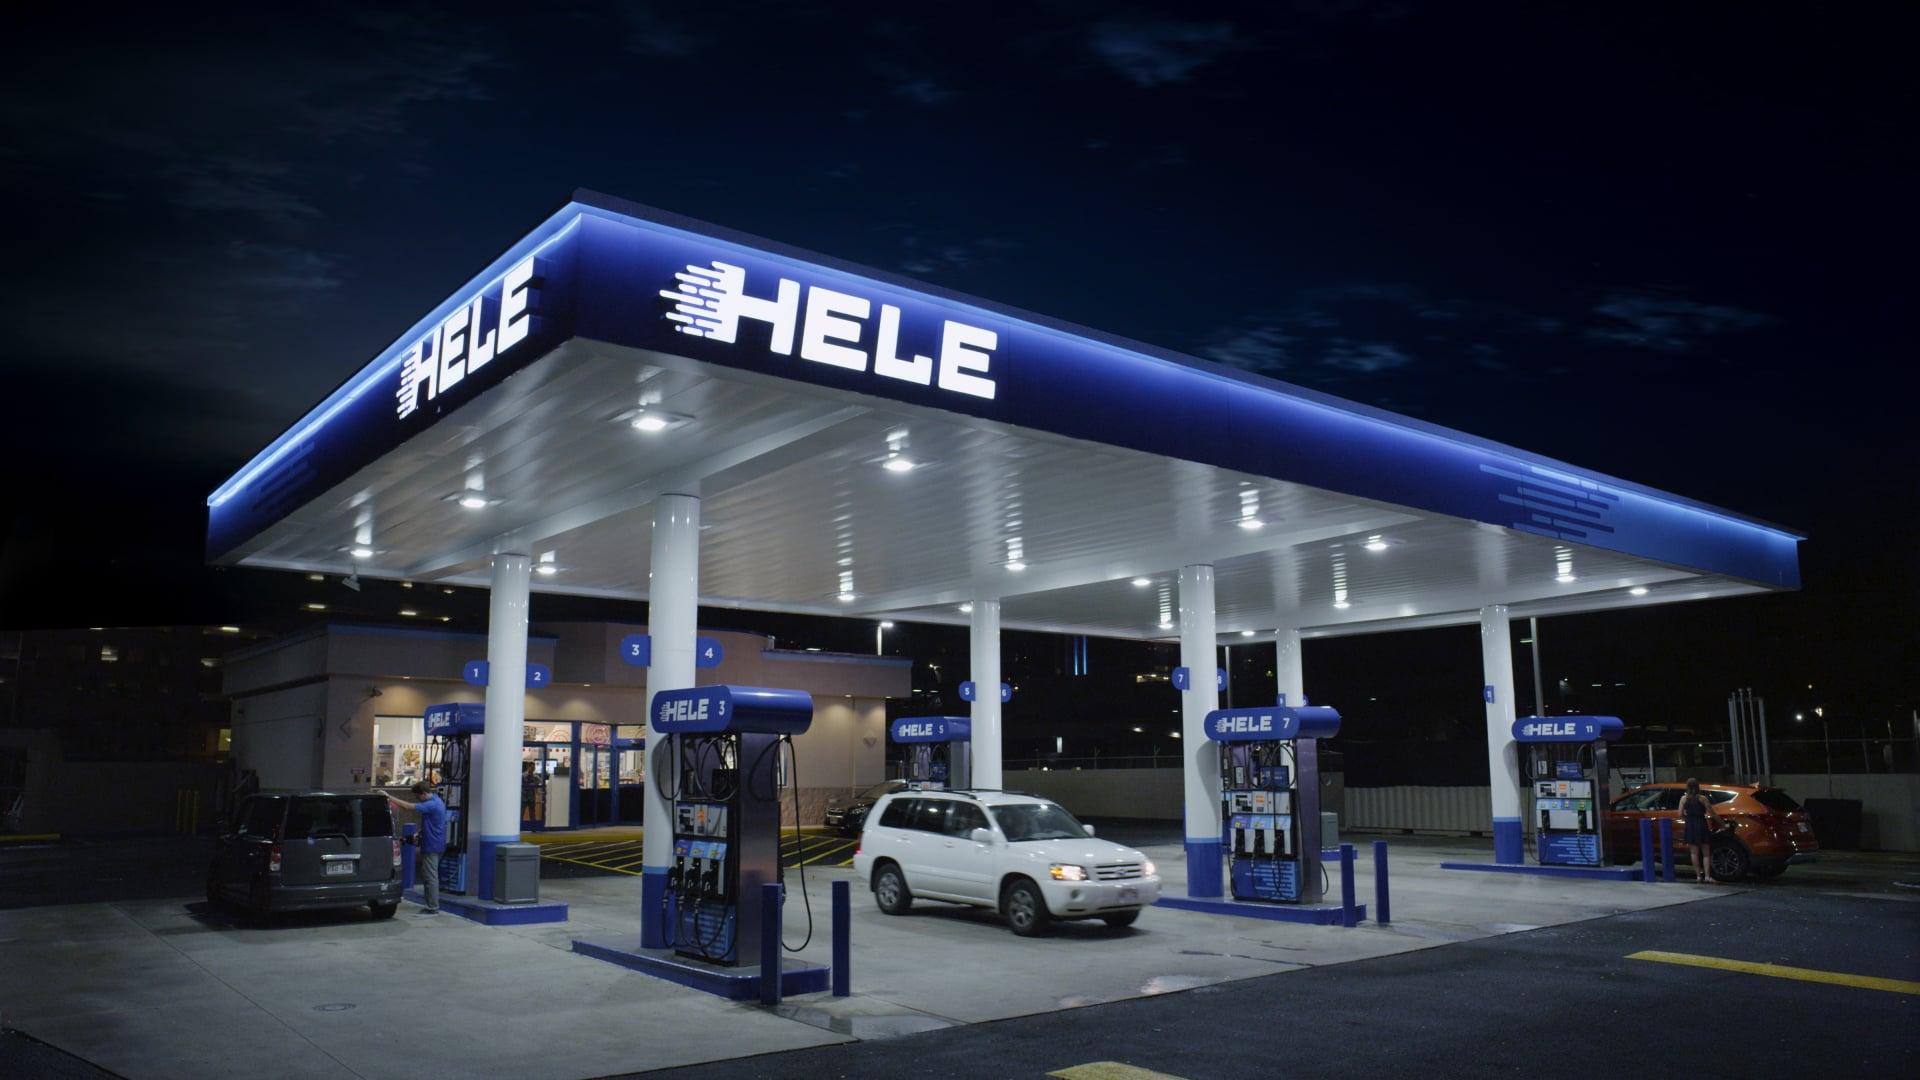 hele_station